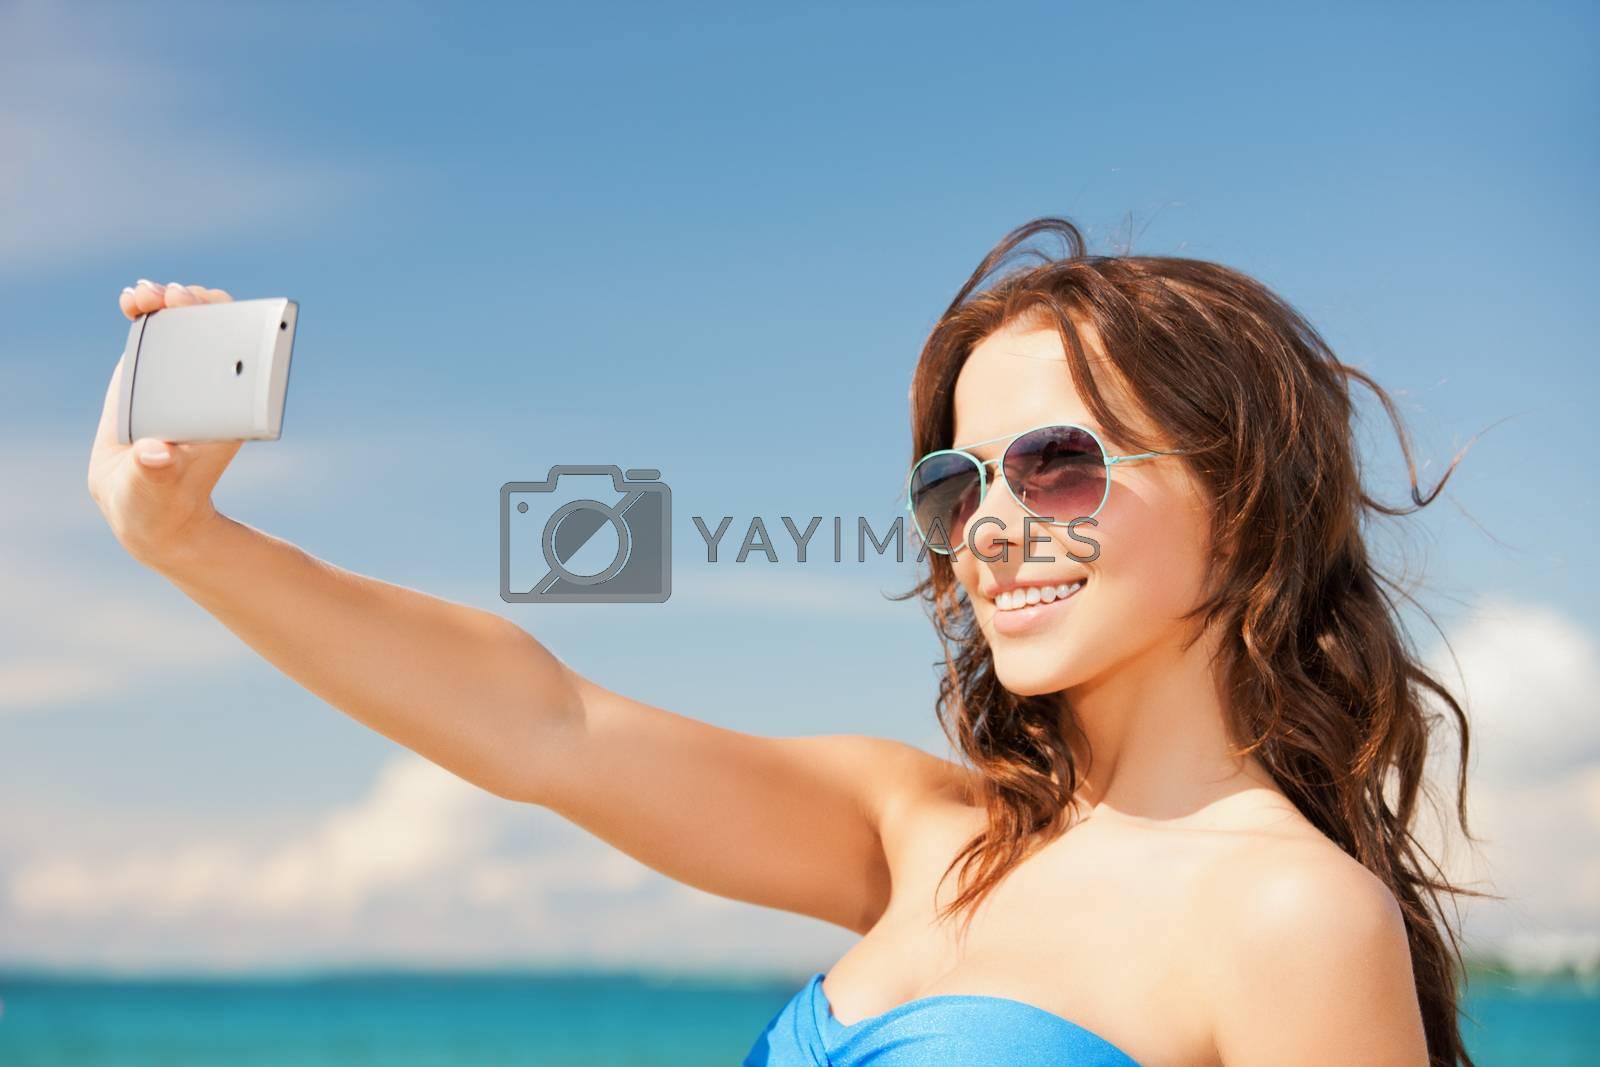 woman in bikini with phone by dolgachov